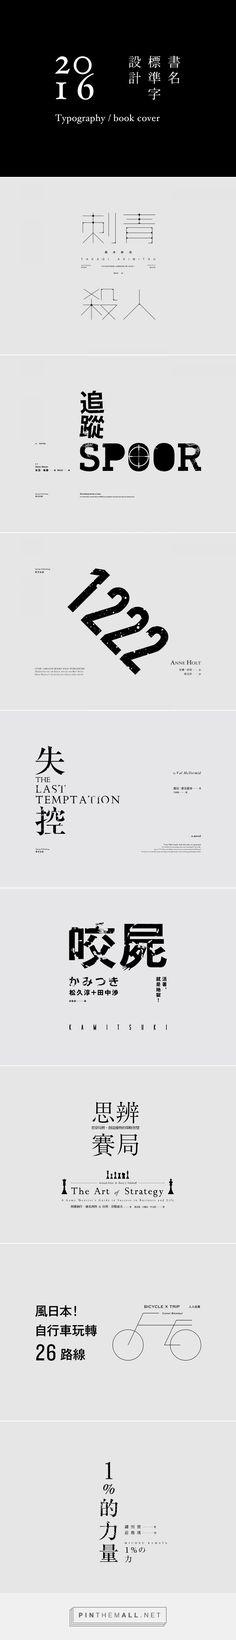 書名標準字設計 / Typography / book cover / 2016 on Behance